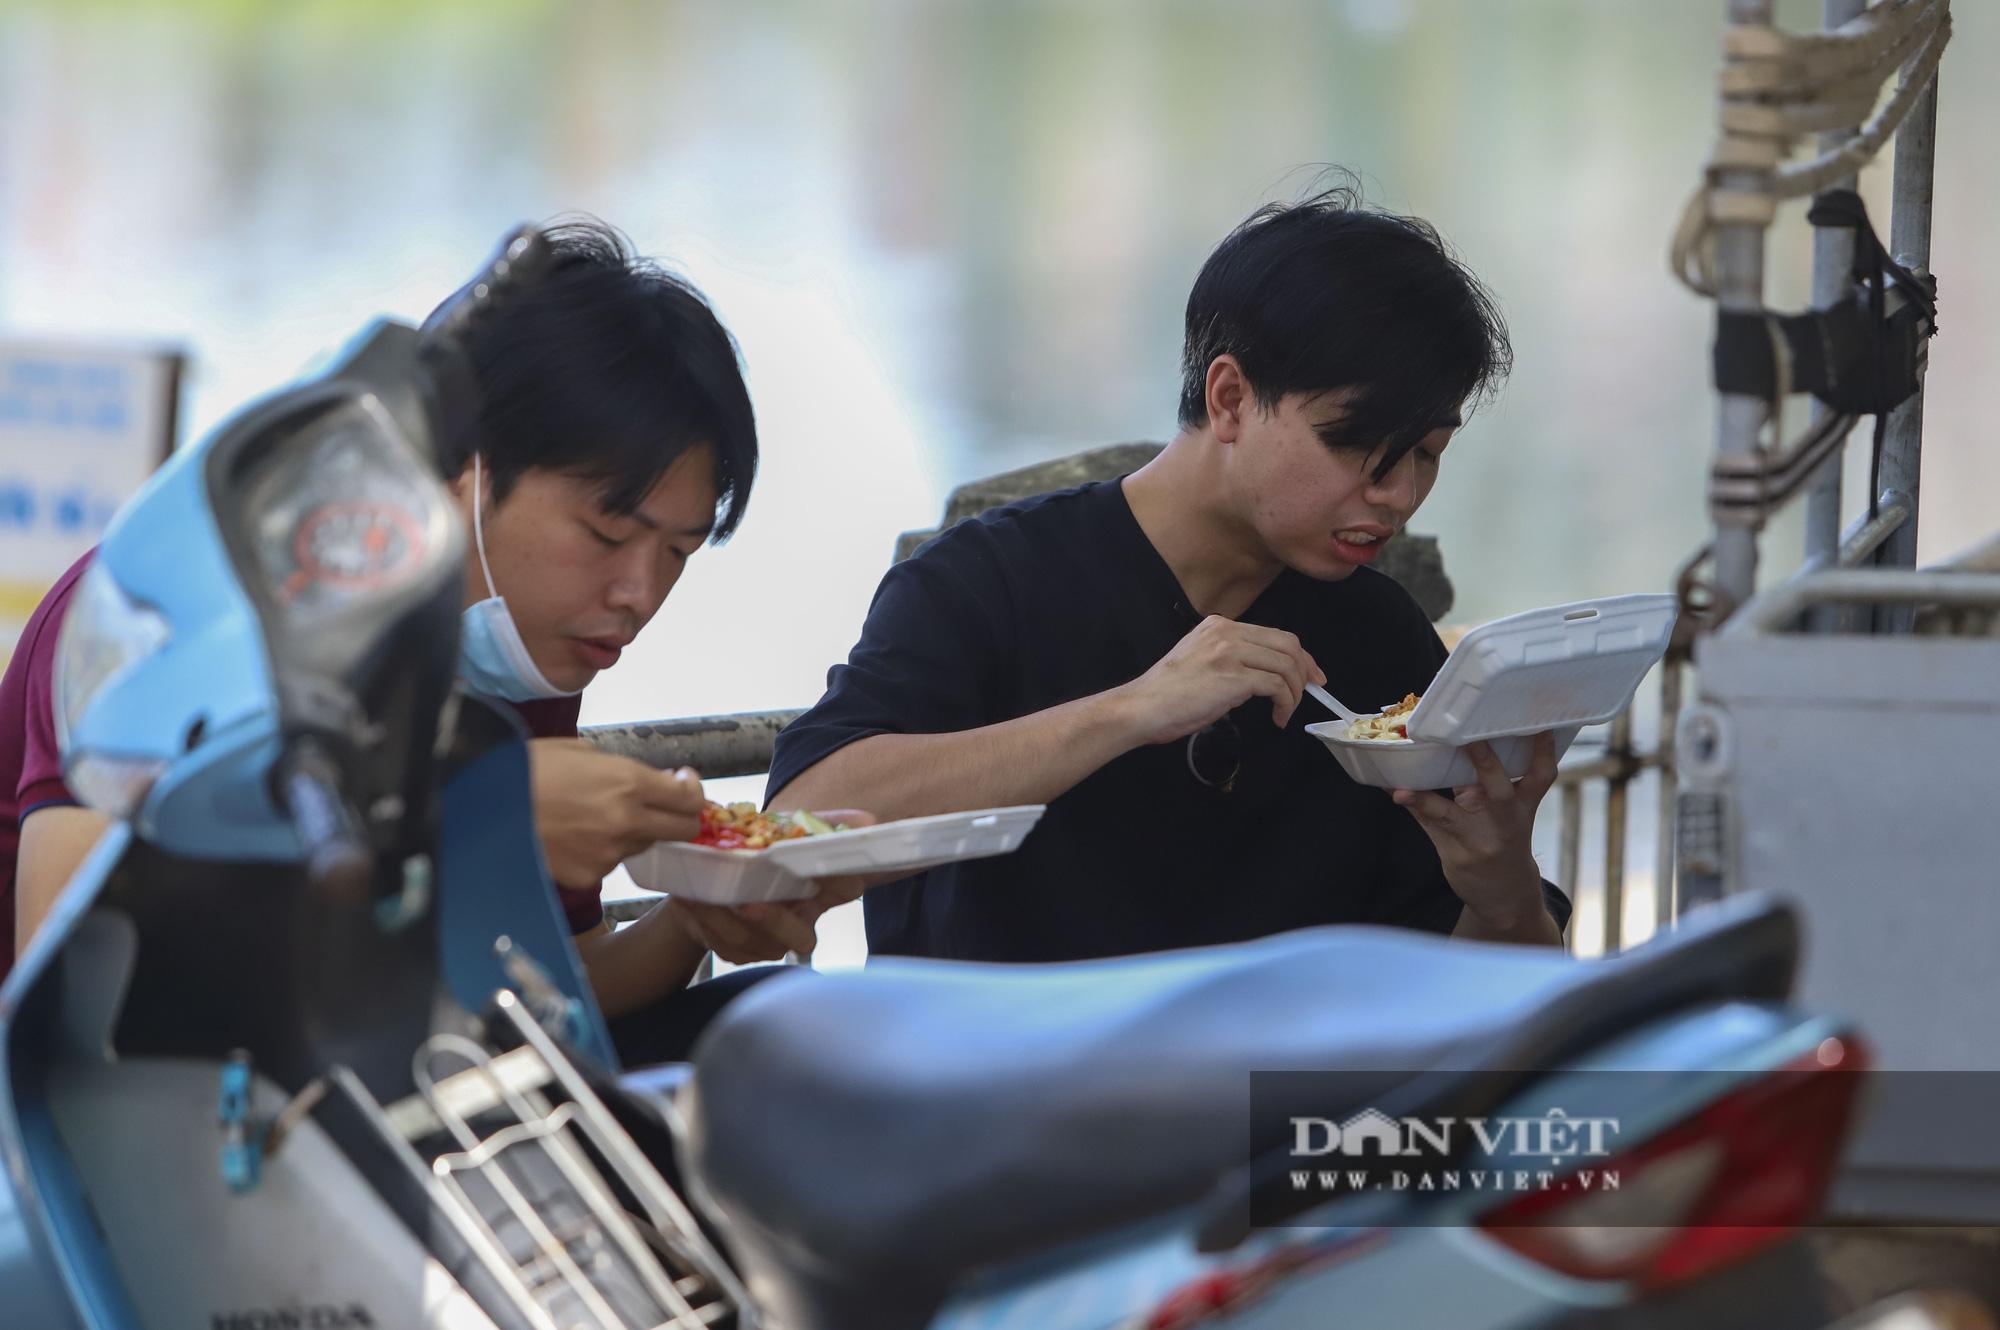 Dịch Covid-19: Nắng nóng, người dân mang cơm ra công viên, gầm cầu để ăn - Ảnh 6.